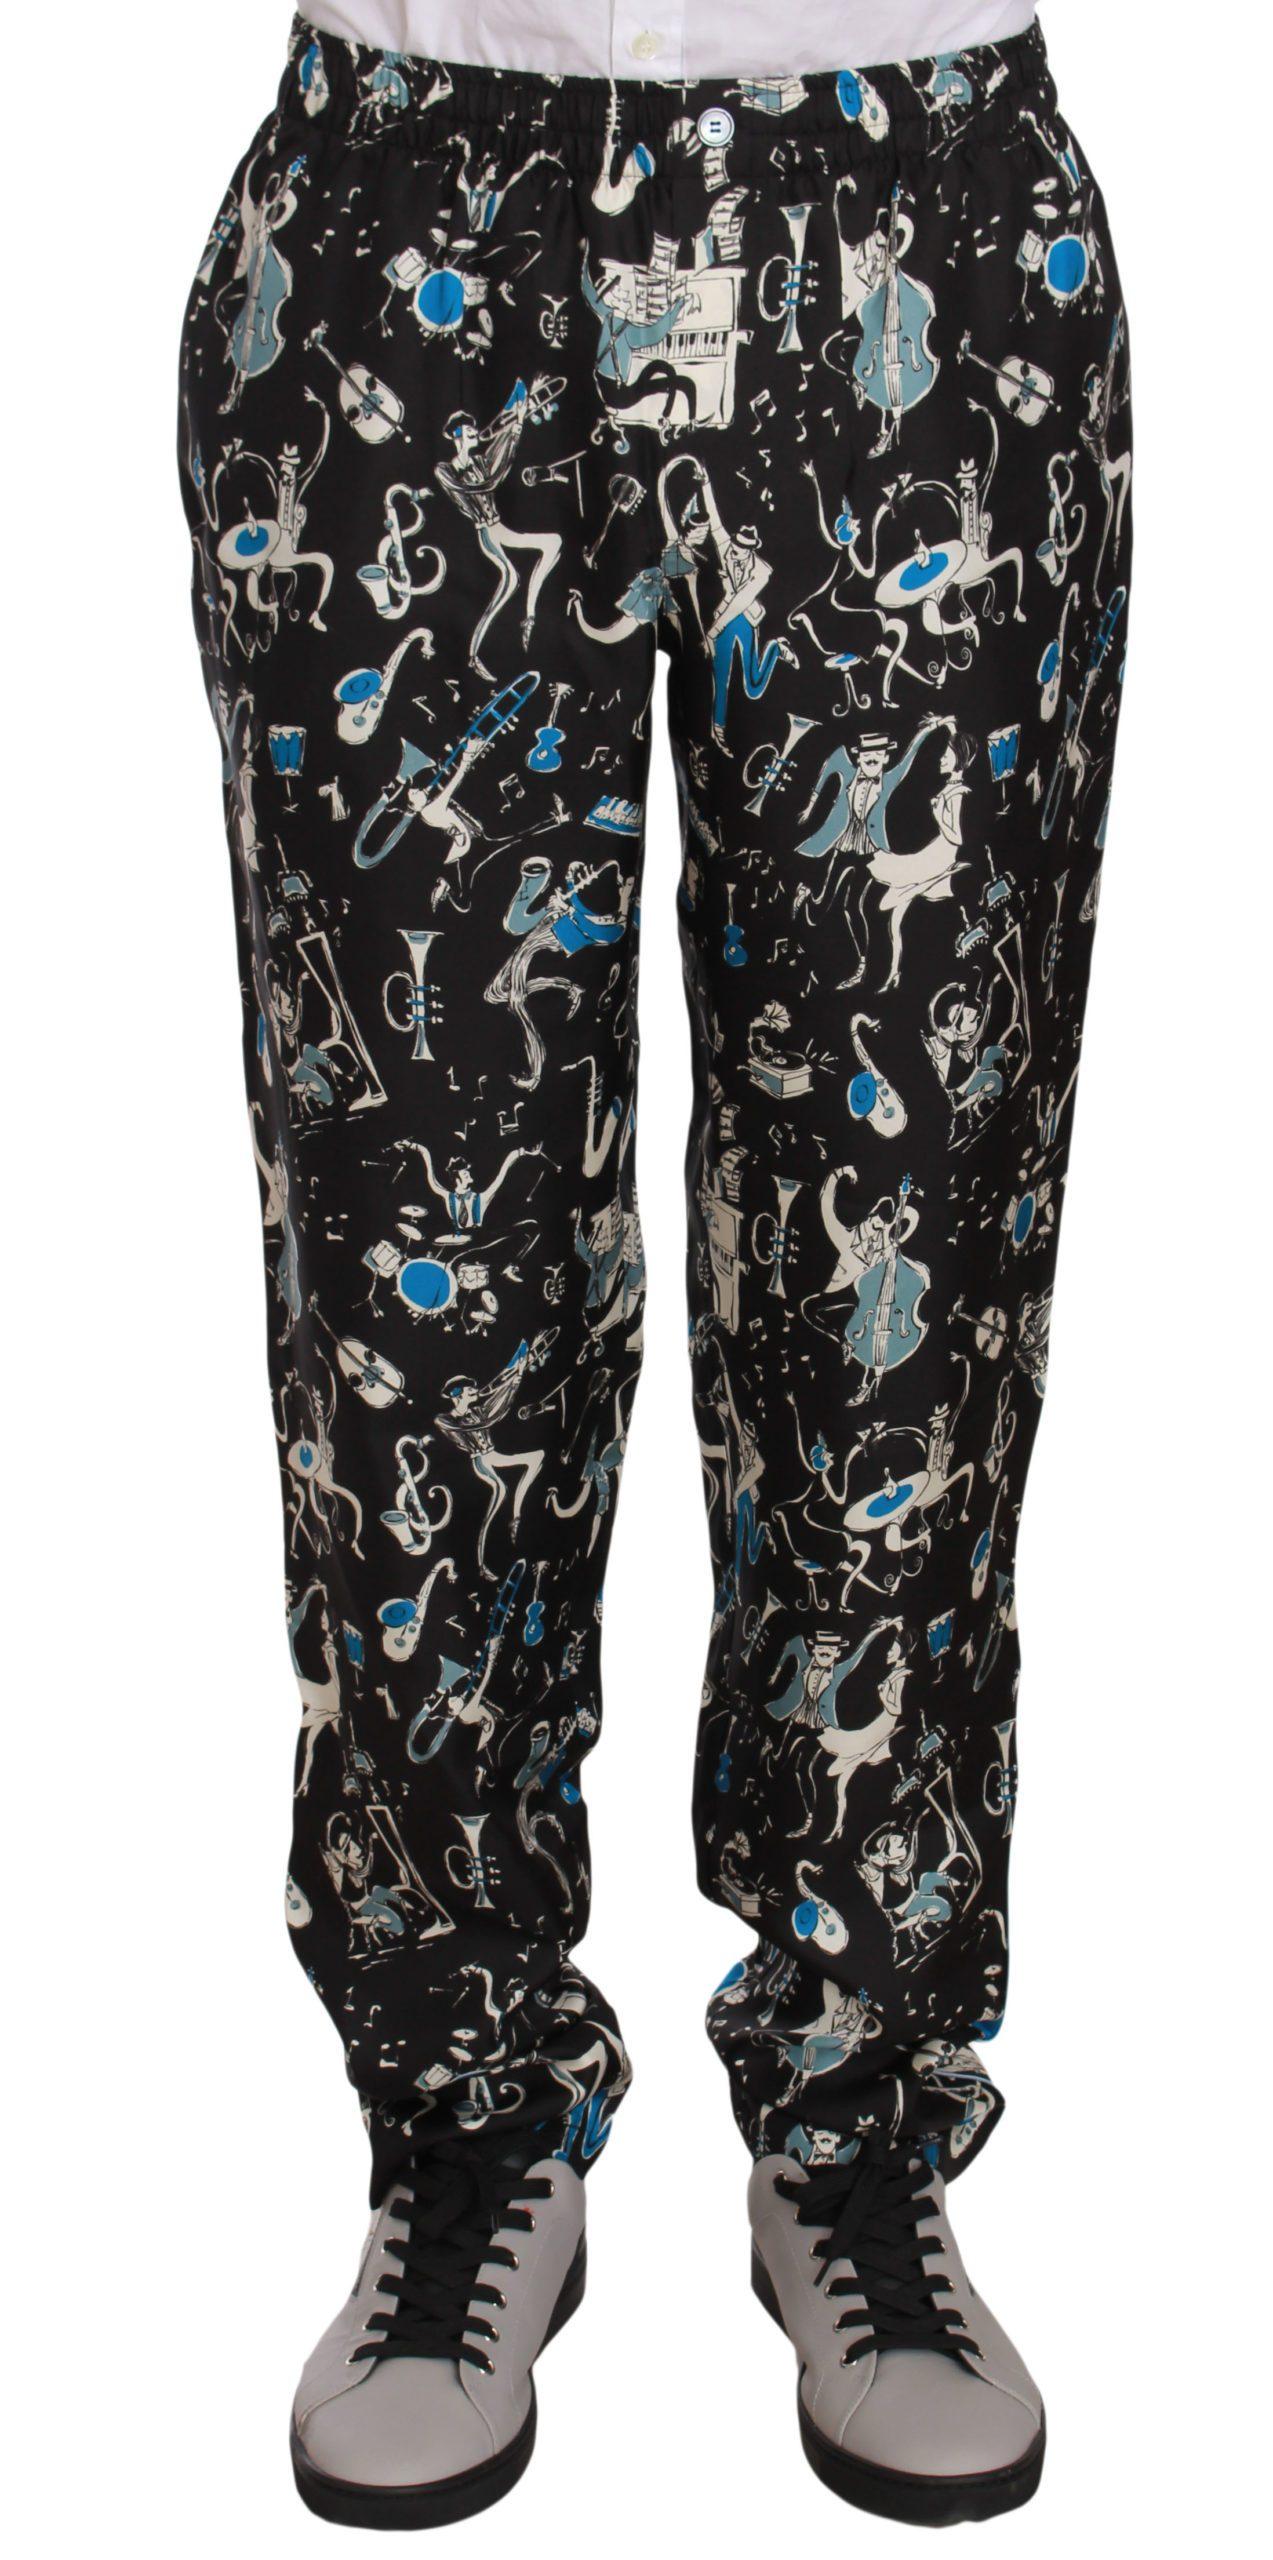 Dolce & Gabbana Men's Trousers Black PAN61303 - IT46 | S